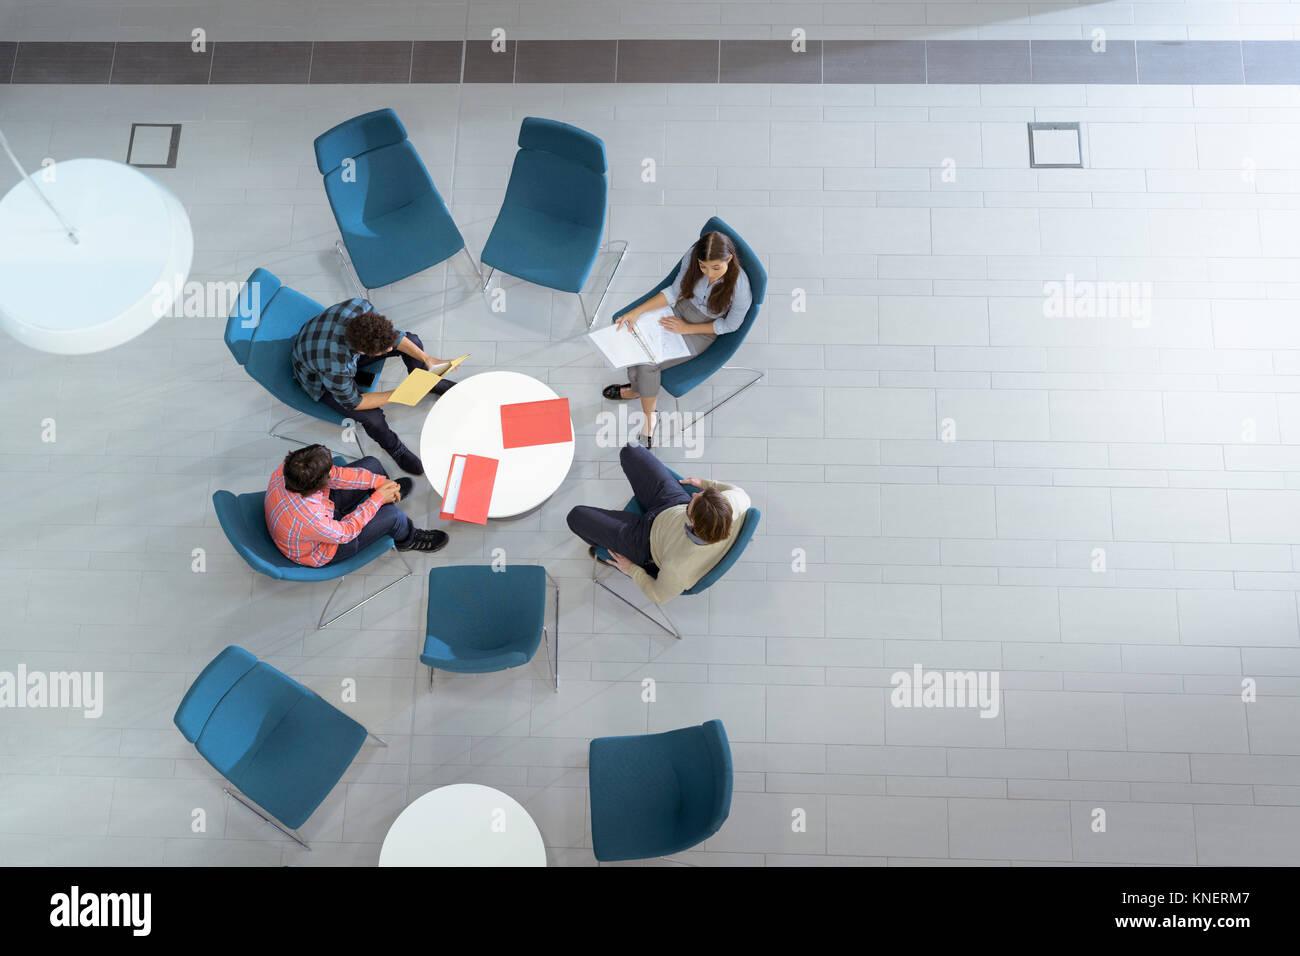 Vista aerea della riunione in engineering facility Immagini Stock